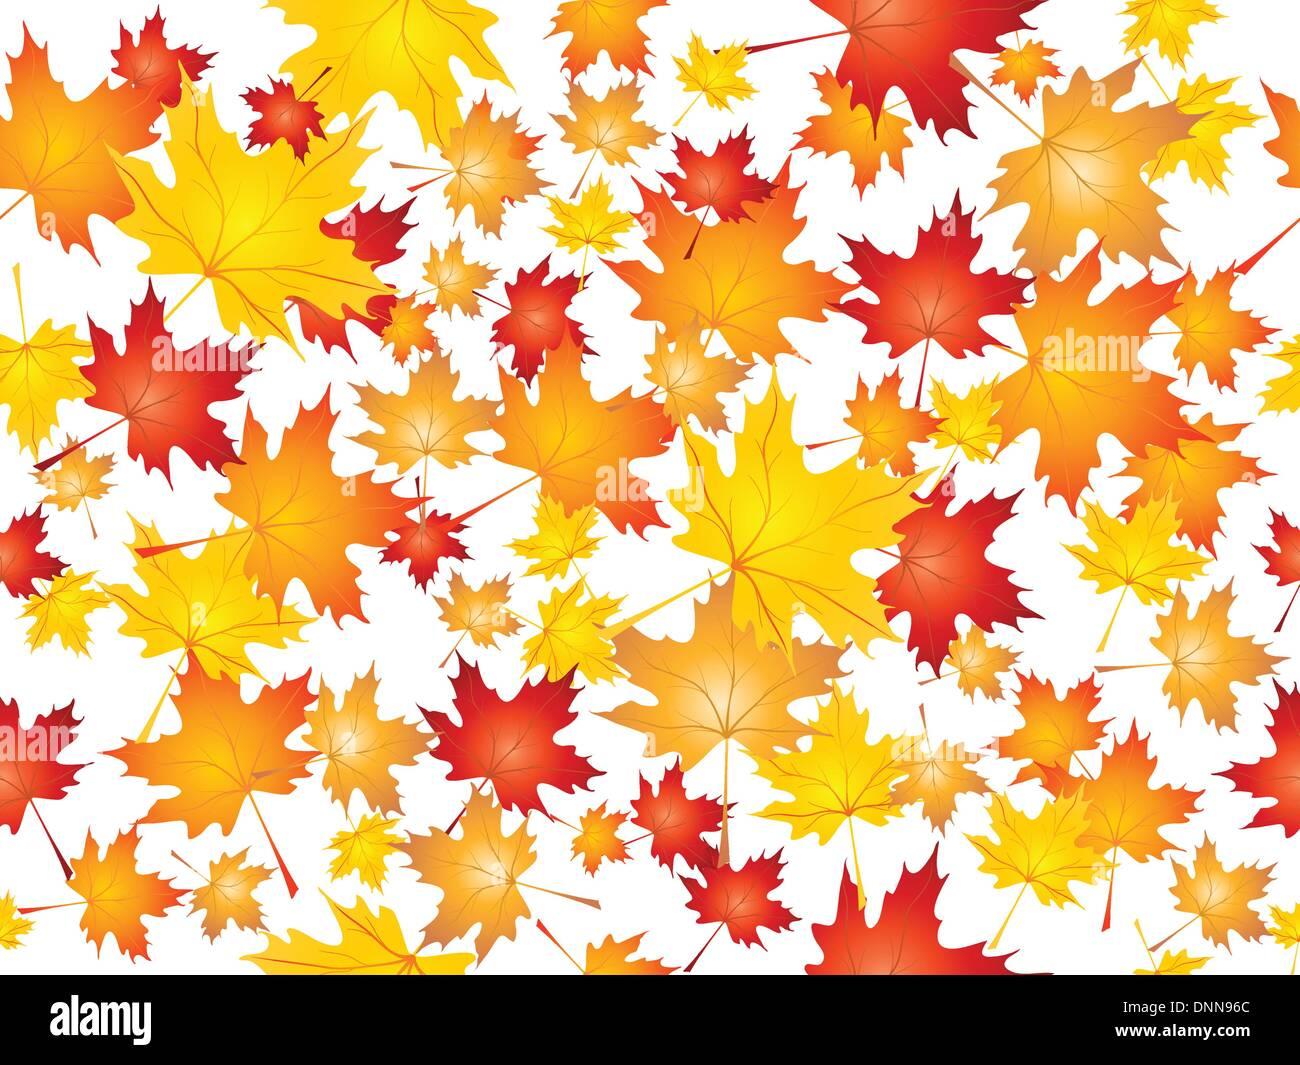 Antecedentes de la caída de hojas de arce Imagen De Stock